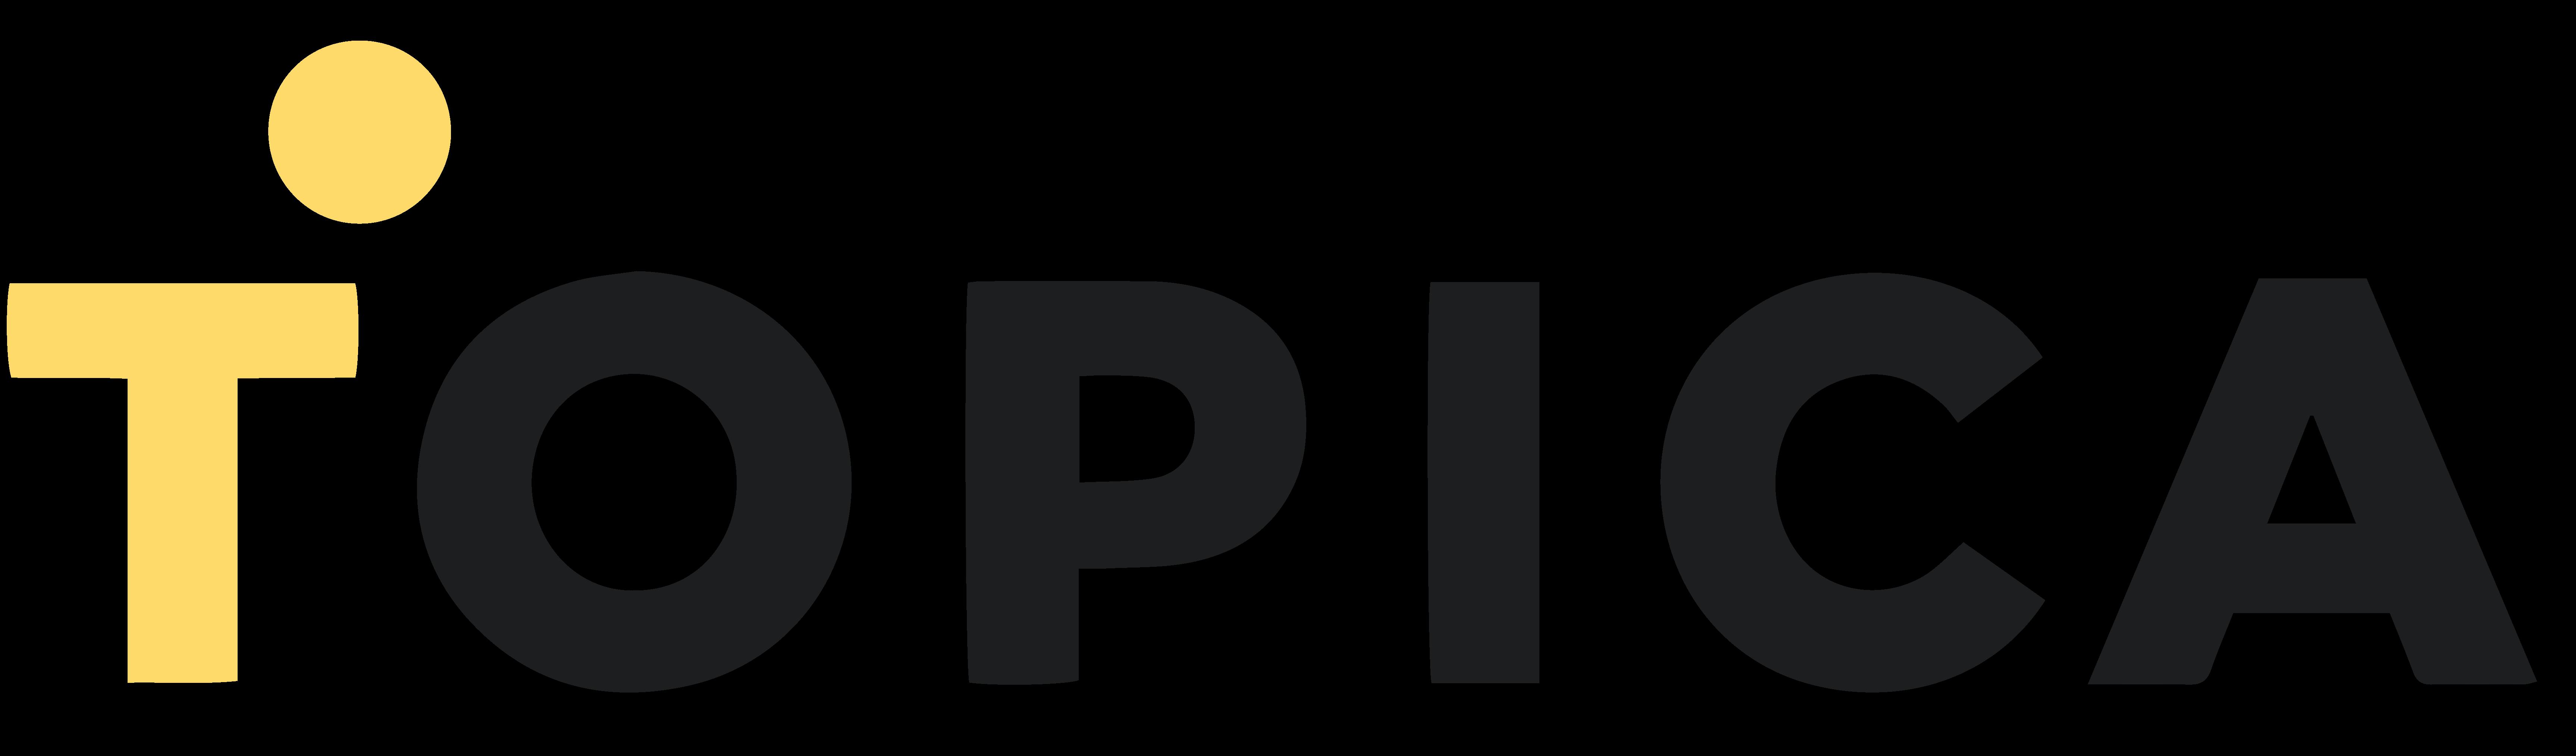 Platform Engagement Manager